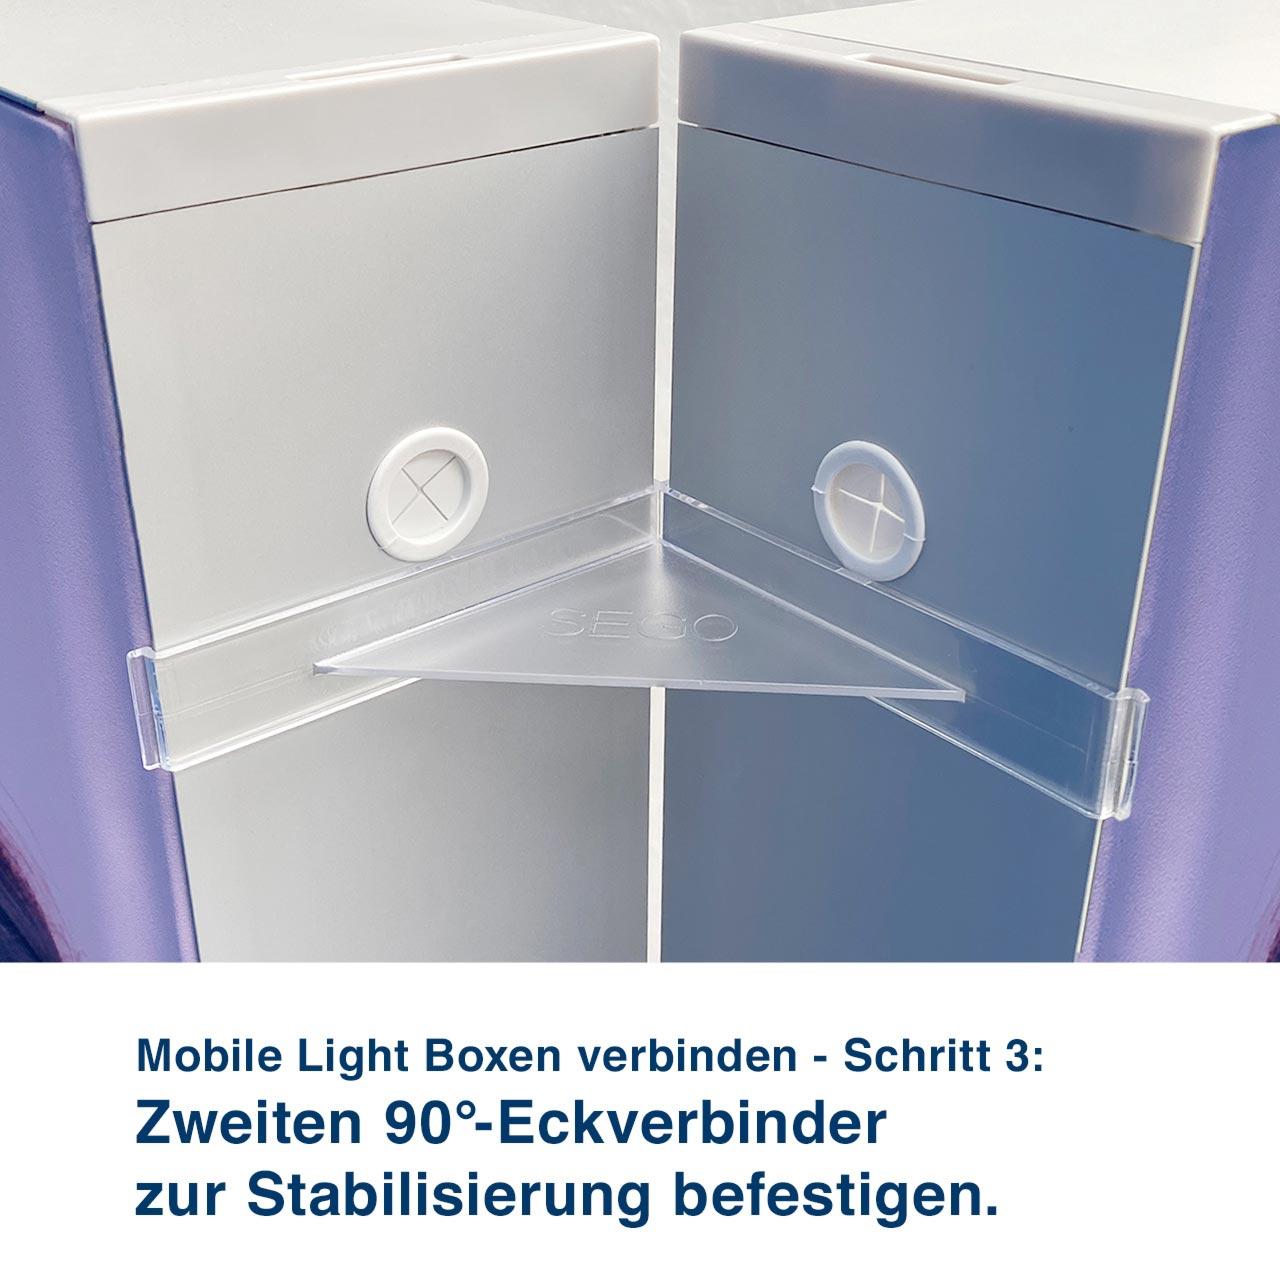 Mobile Light Boxen verbinden - Schritt 3:  Zweiten 90°-Eckverbinder  zur Stabilisierung befestigen.